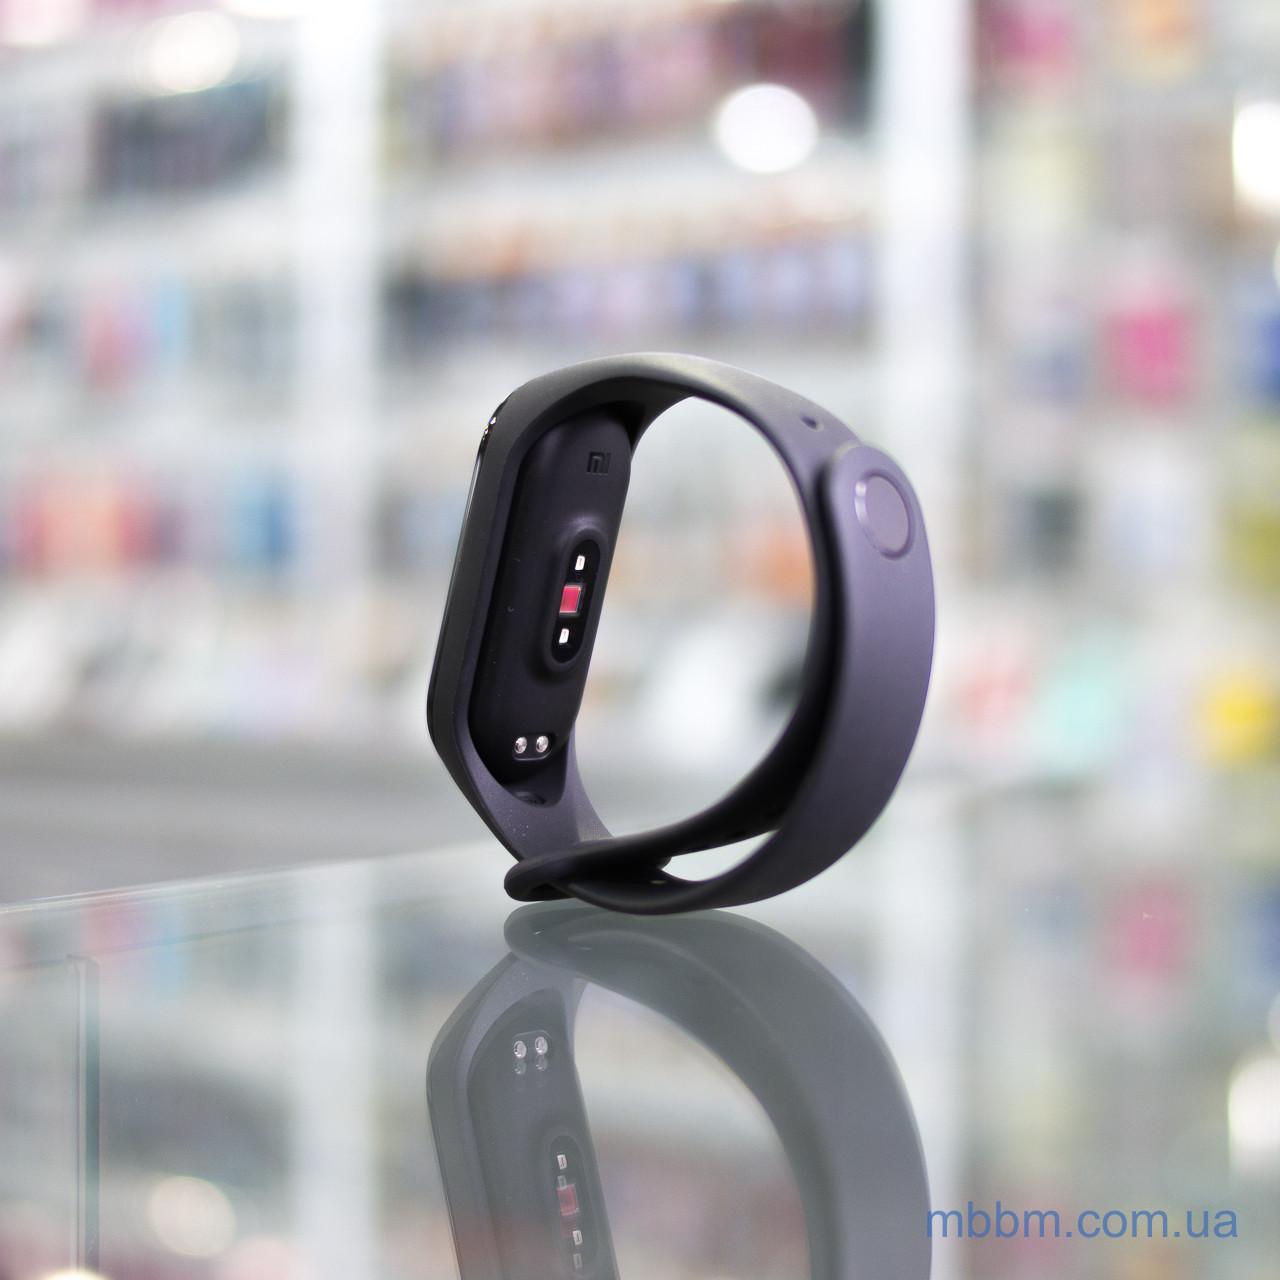 Фитнес-браслет Xiaomi Mi Band 4 Оригинал! Умные браслеты Android Bluetooth Пульсометр Будильник Съемный ремешок